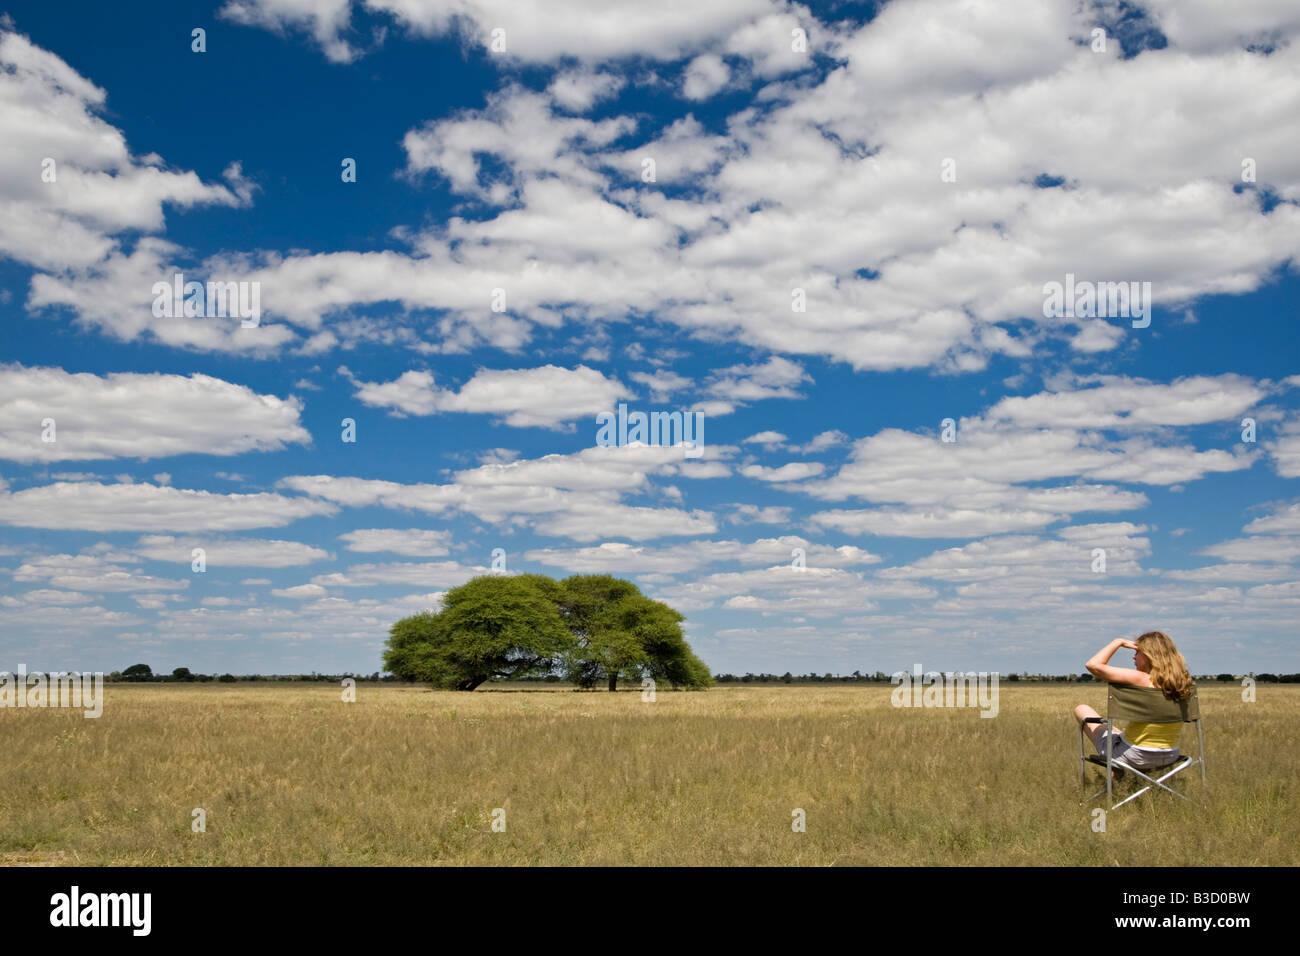 L'Afrique, Botswana, les touristes à la recherche sur les paysages Photo Stock